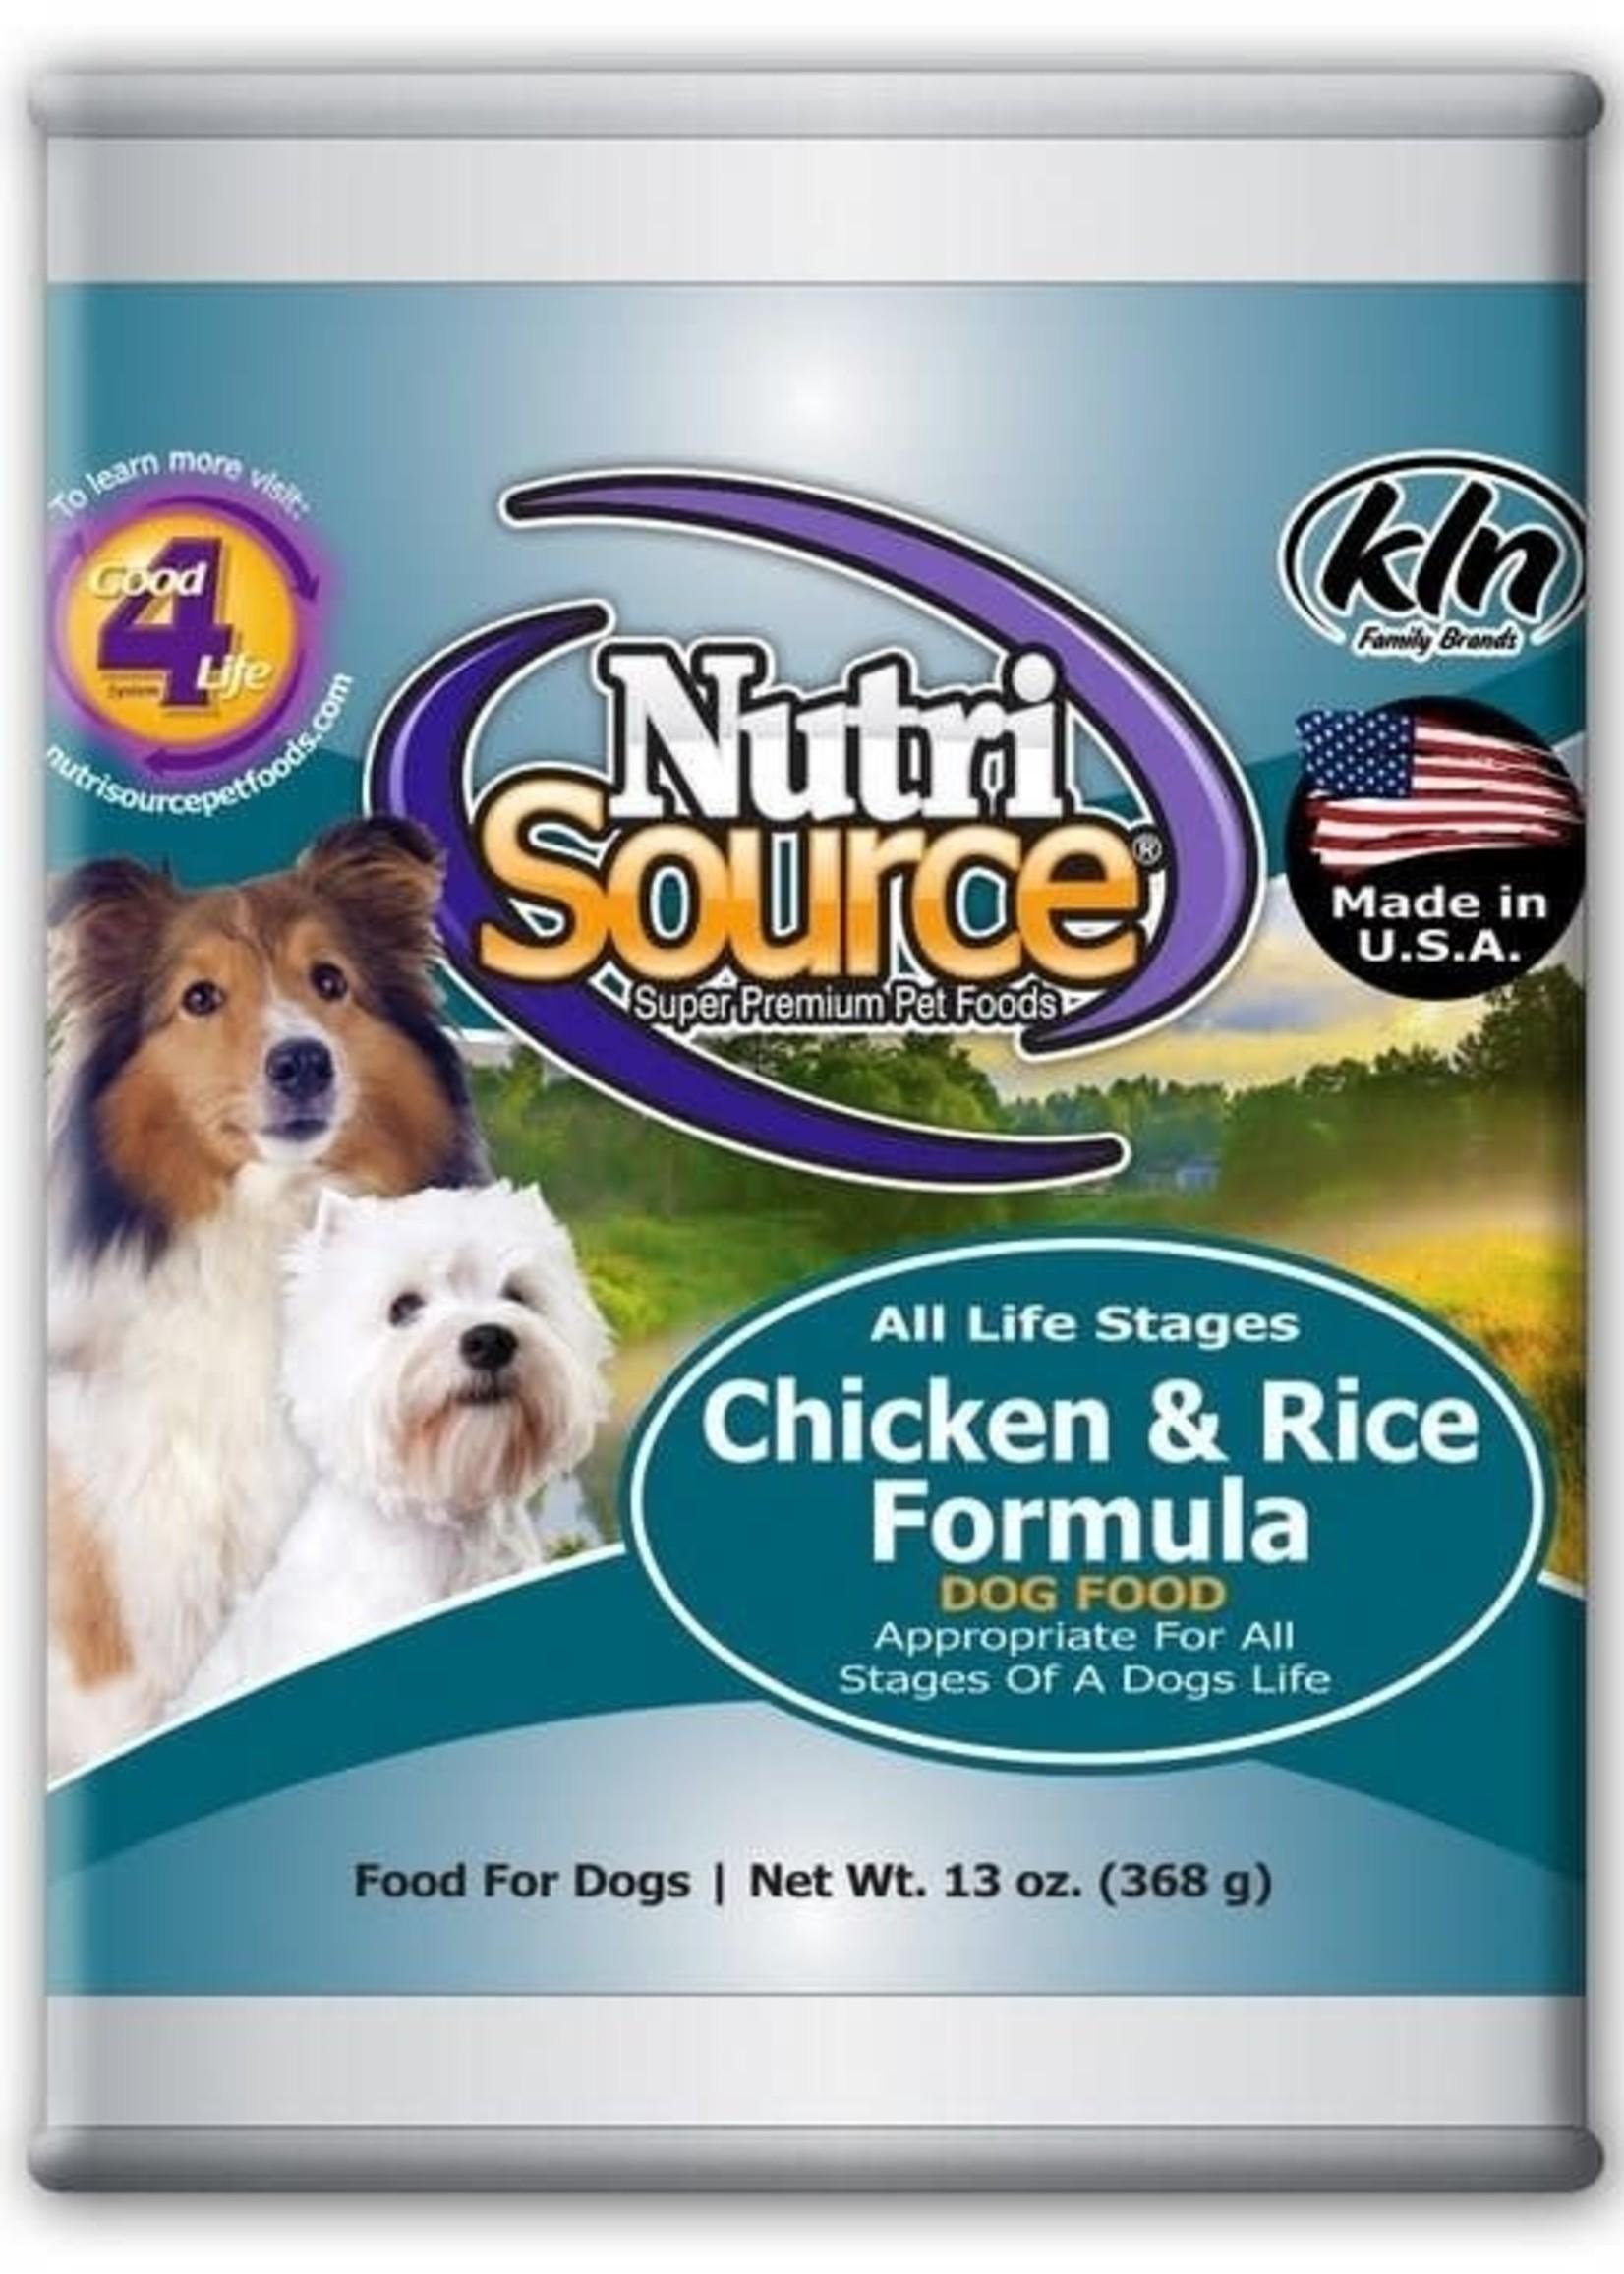 Nutrisource NutriSource Chicken & Rice Wet Dog Food 13 oz